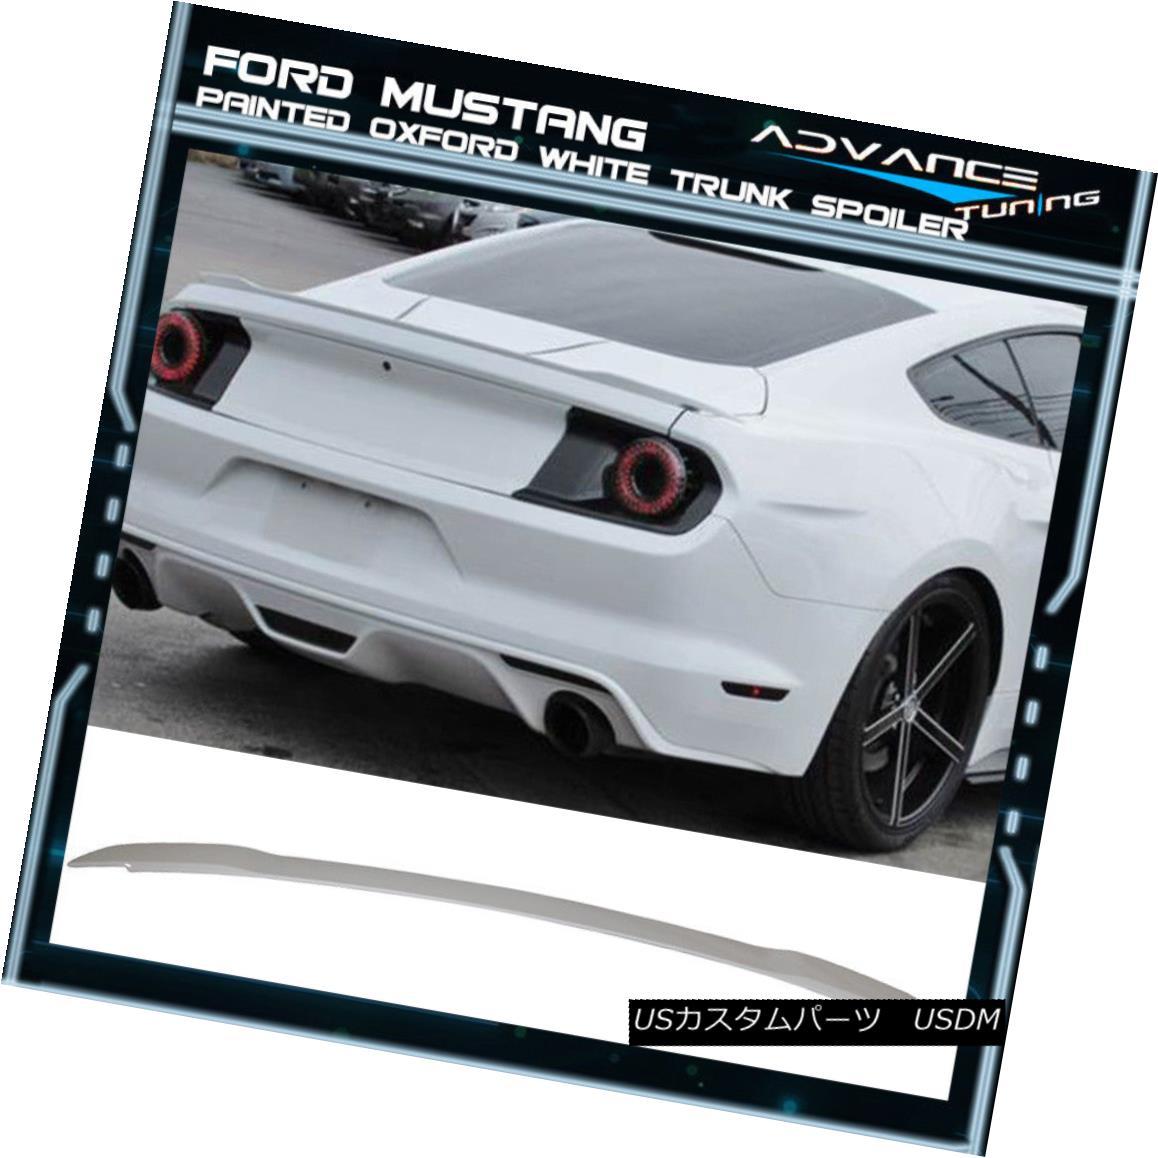 エアロパーツ 15-18 Ford Mustang GT Trunk Spoiler OEM Painted Color Oxford White 15-18フォードマスタングGTトランクスポイラーOEM塗装色オックスフォードホワイト